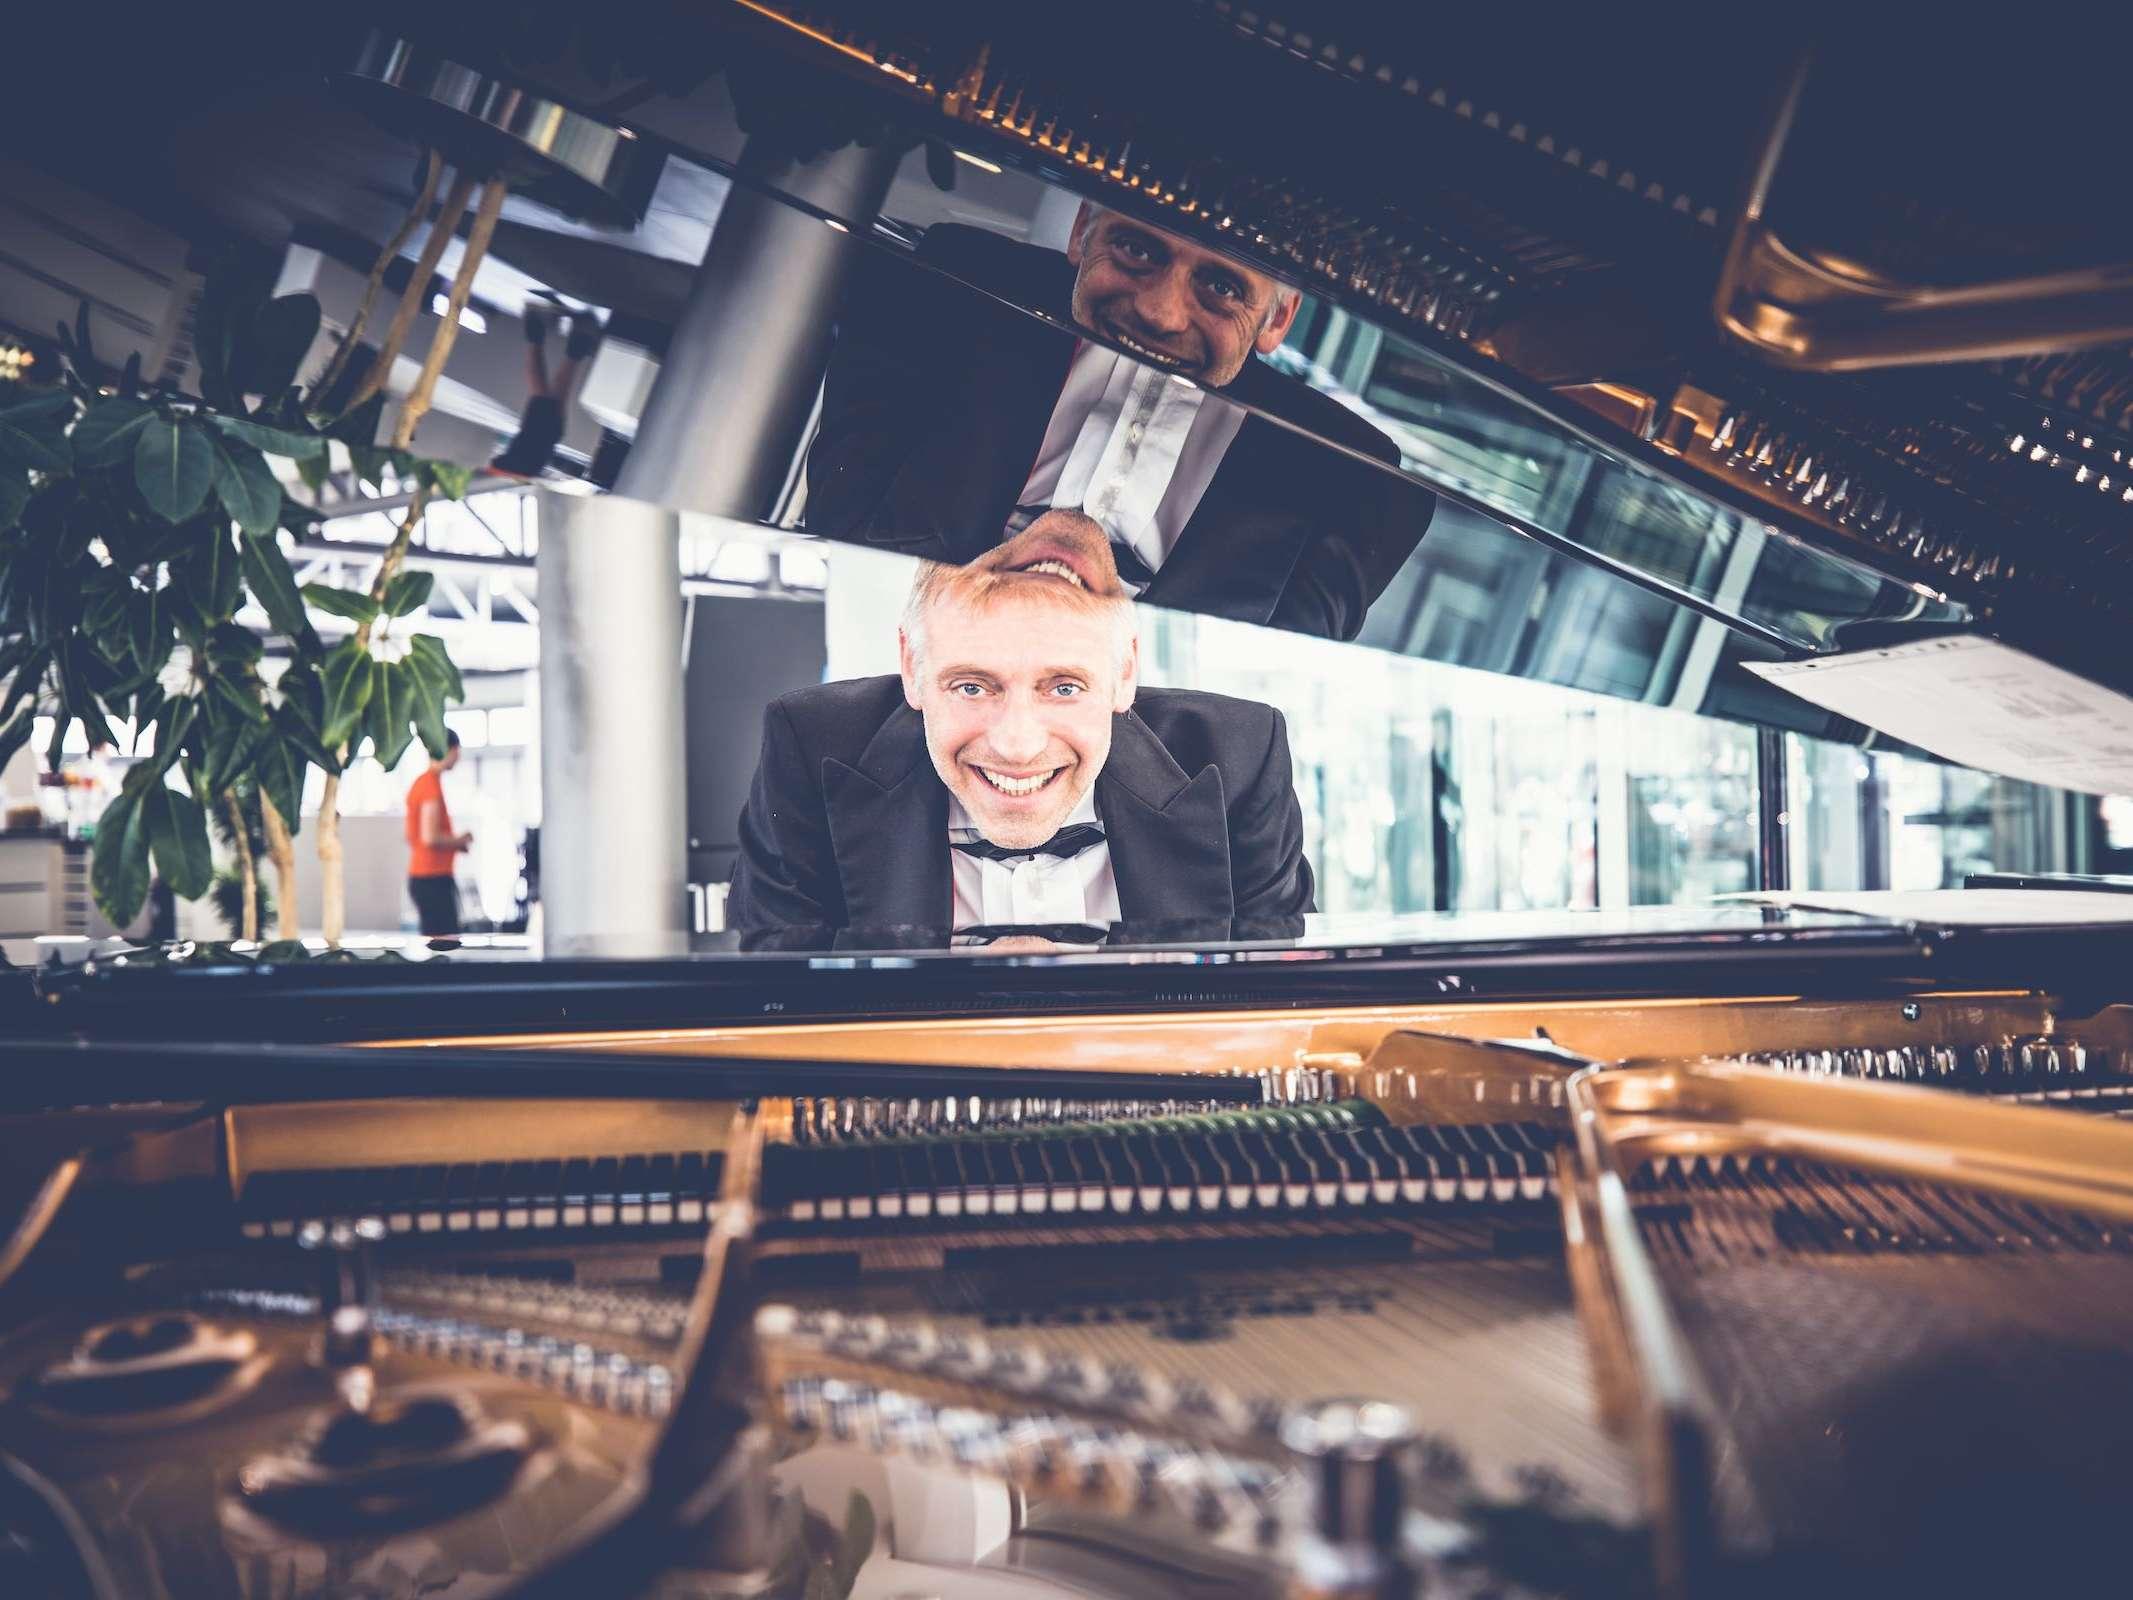 Jazzband |Hannover | Liveband | Livemusik |Partyband | Swingband | Loungeband | Popband | Band | Gesang | Pianist | Klavierspieler | Hochzeit | Empfang | Sektempfang | Messe | Firmenfeier | Charity | Gala | Buchen | Mieten |Anfragen